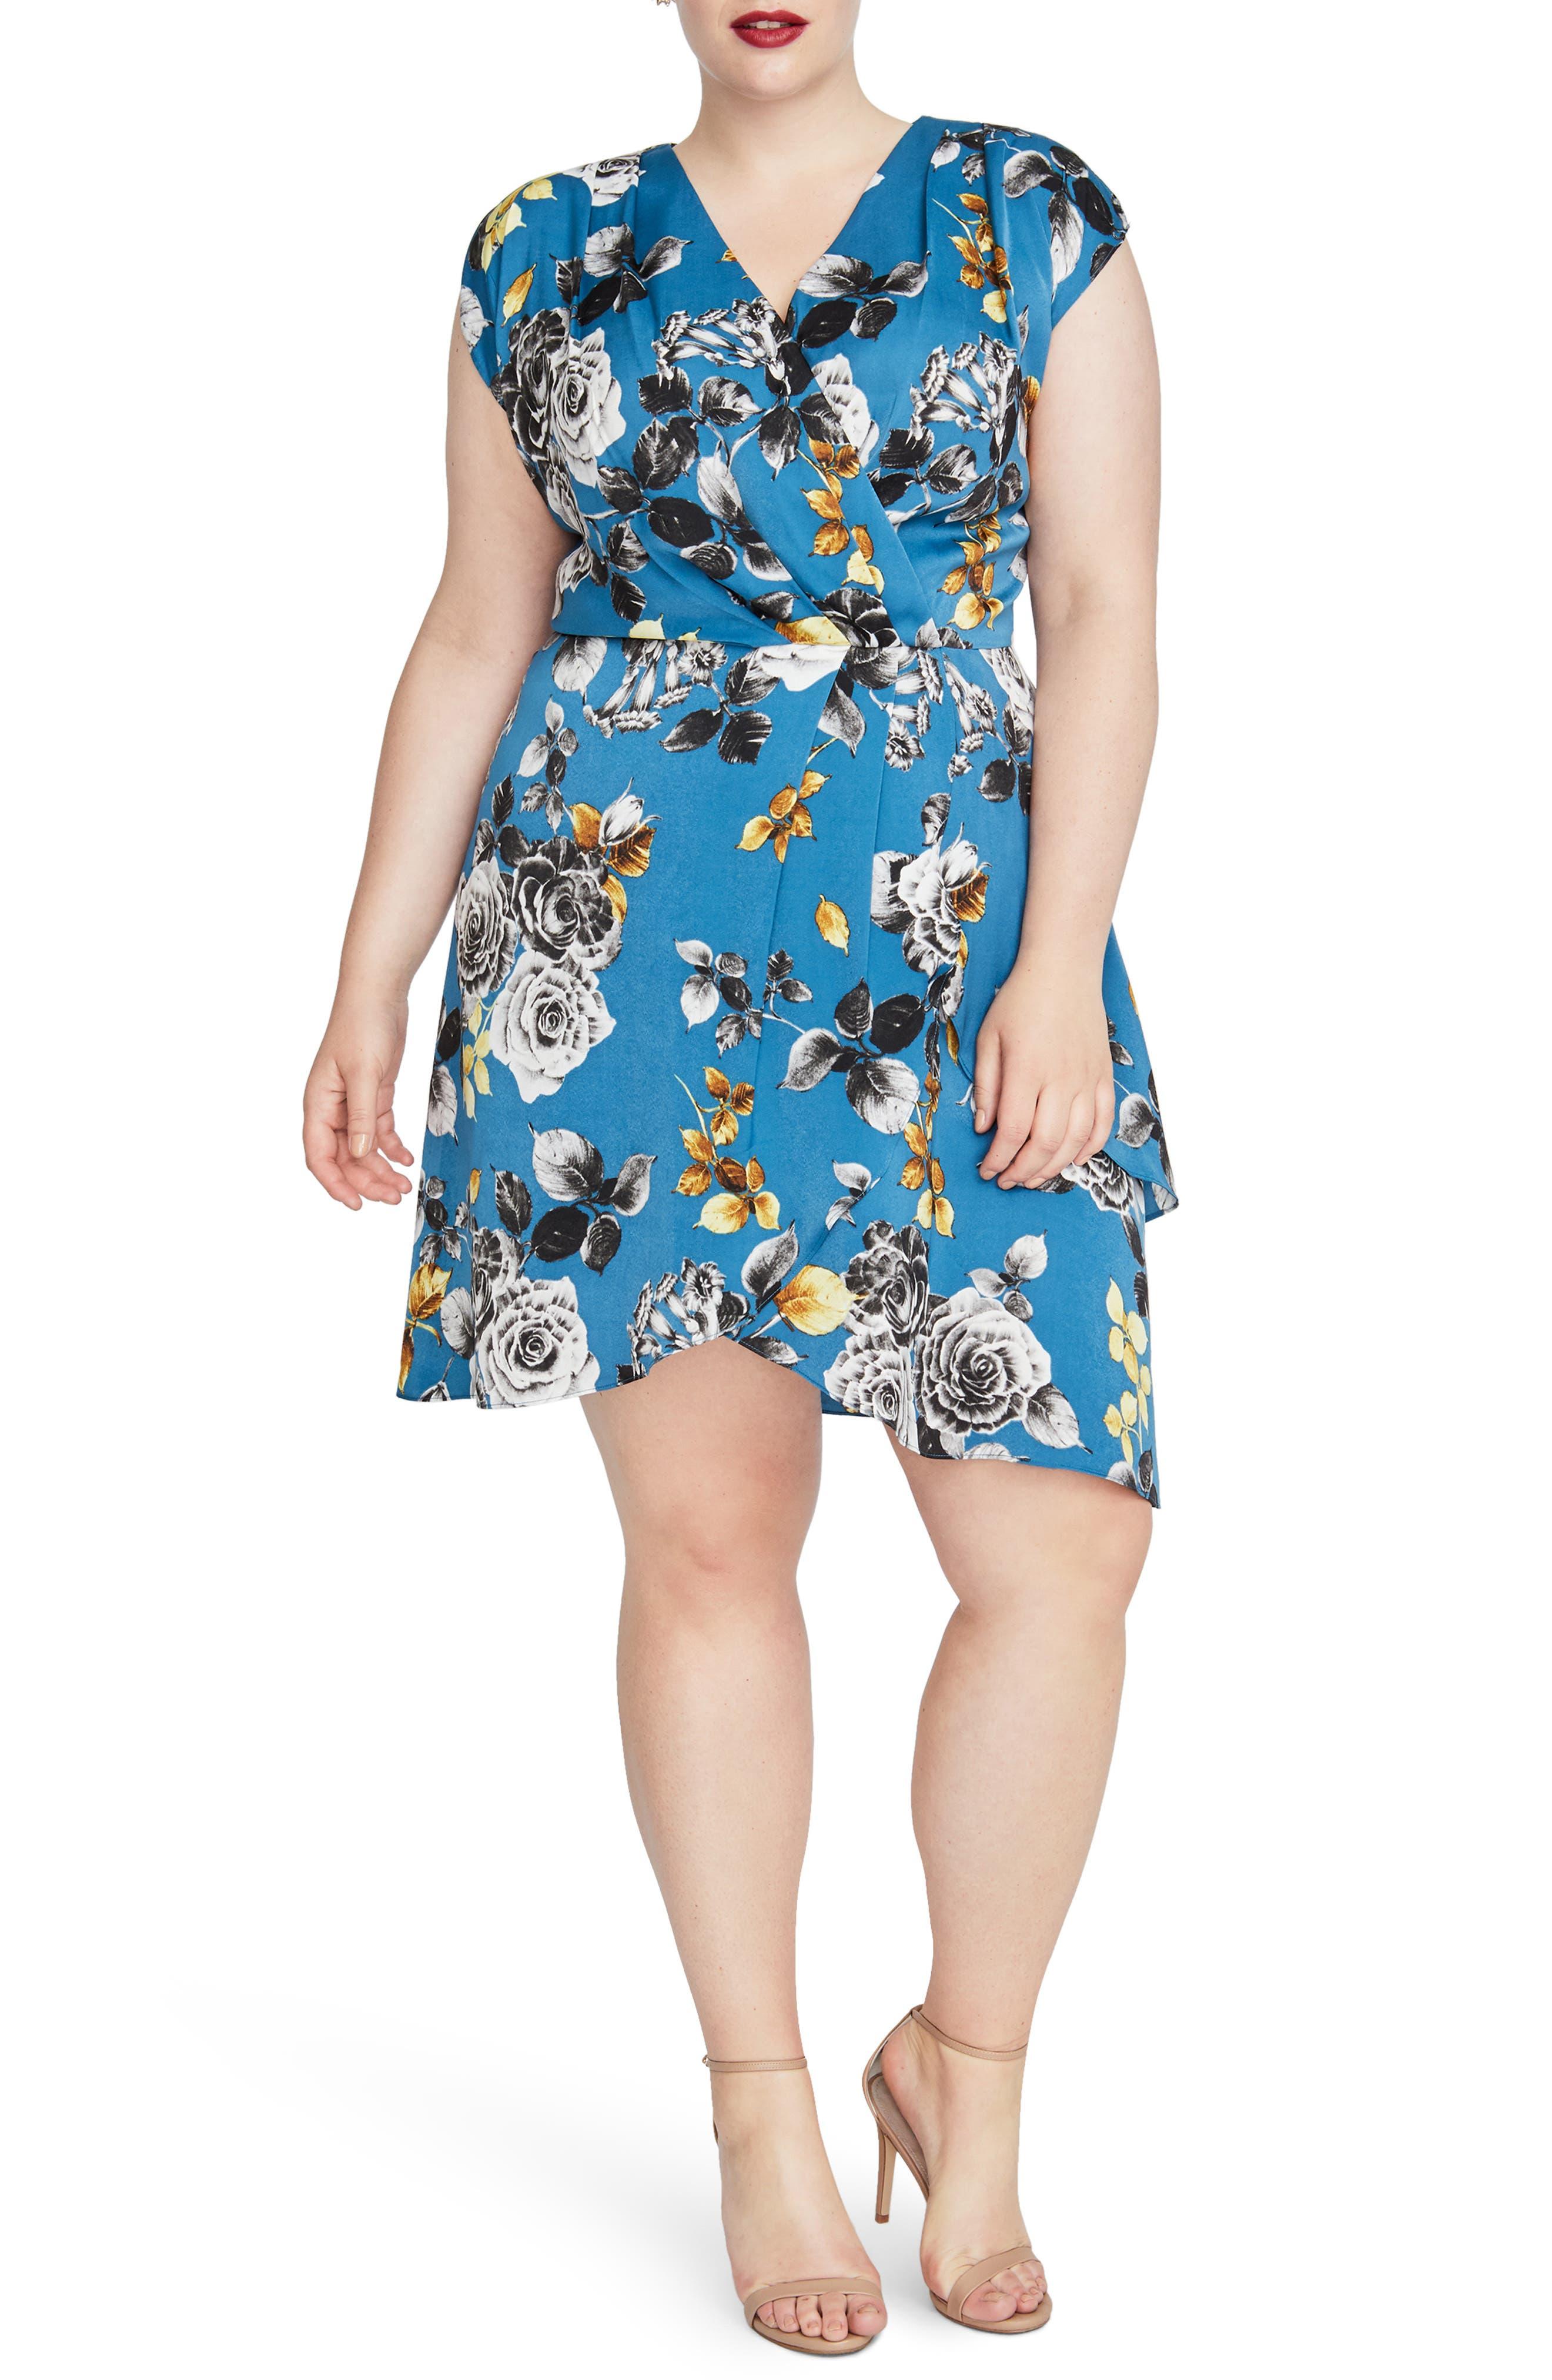 Pierce Floral Dress,                         Main,                         color, TEAL BLUE COMBO